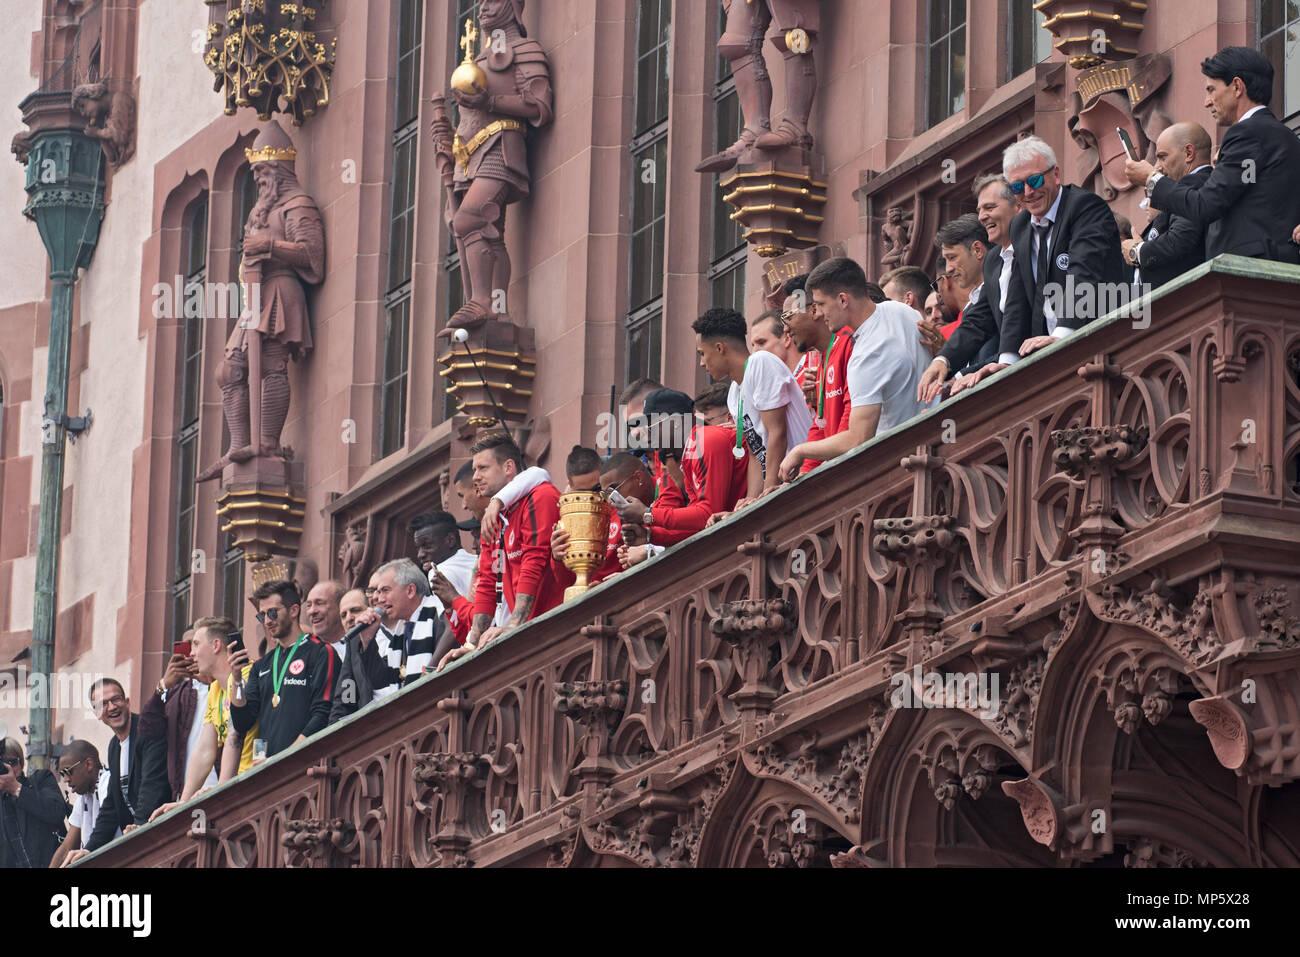 La reception del tedesco della coppa del vincitore 2018 eintracht Francoforte sul balcone del Roemer, Frankfurt am Main, Germania Immagini Stock